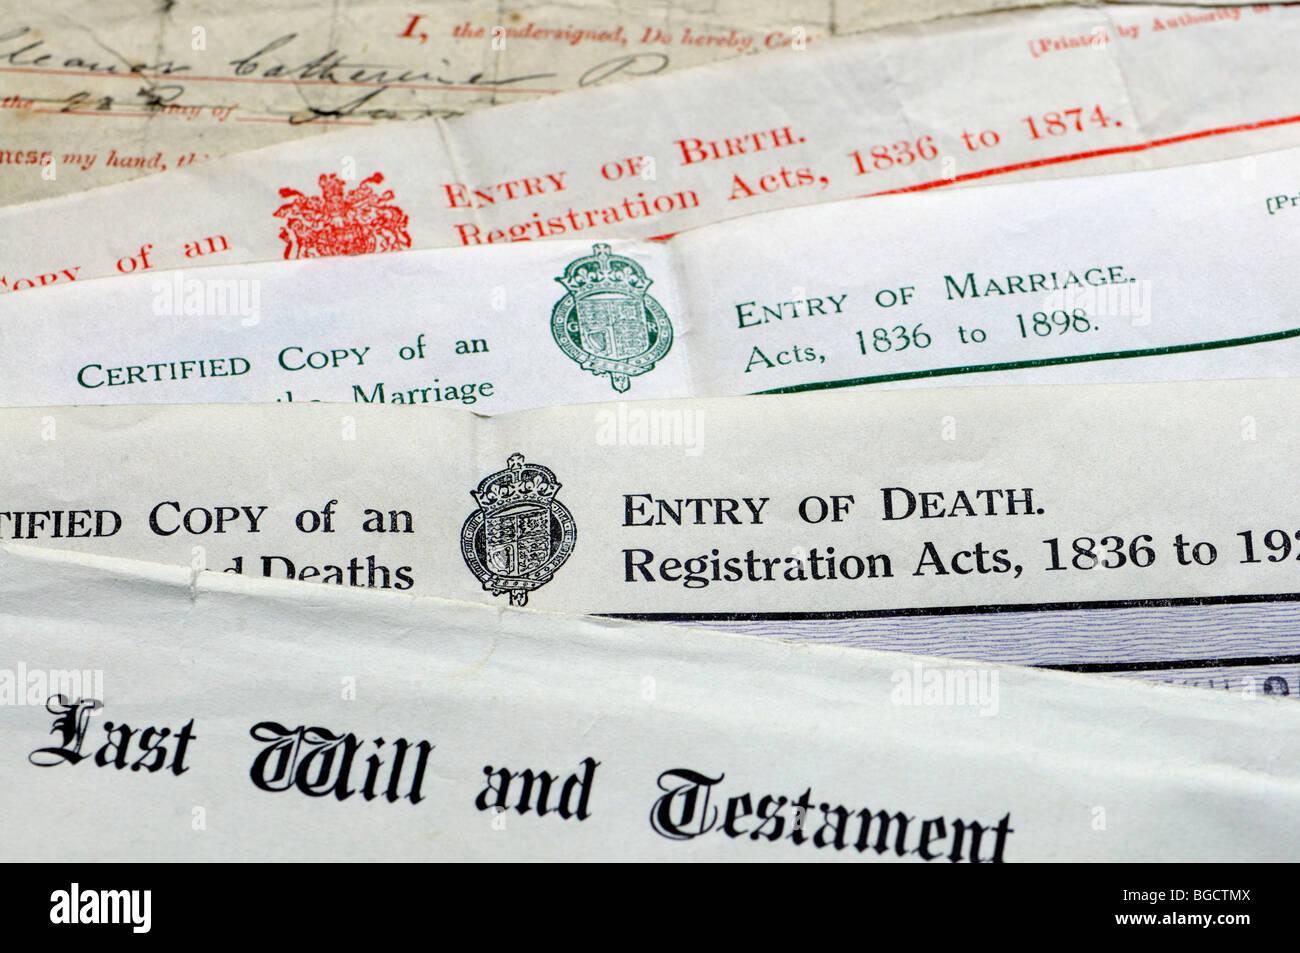 Genealogie-Dokumente - Urkunden von Geburt, Heirat und Tod und letzten Willen und testament Stockbild